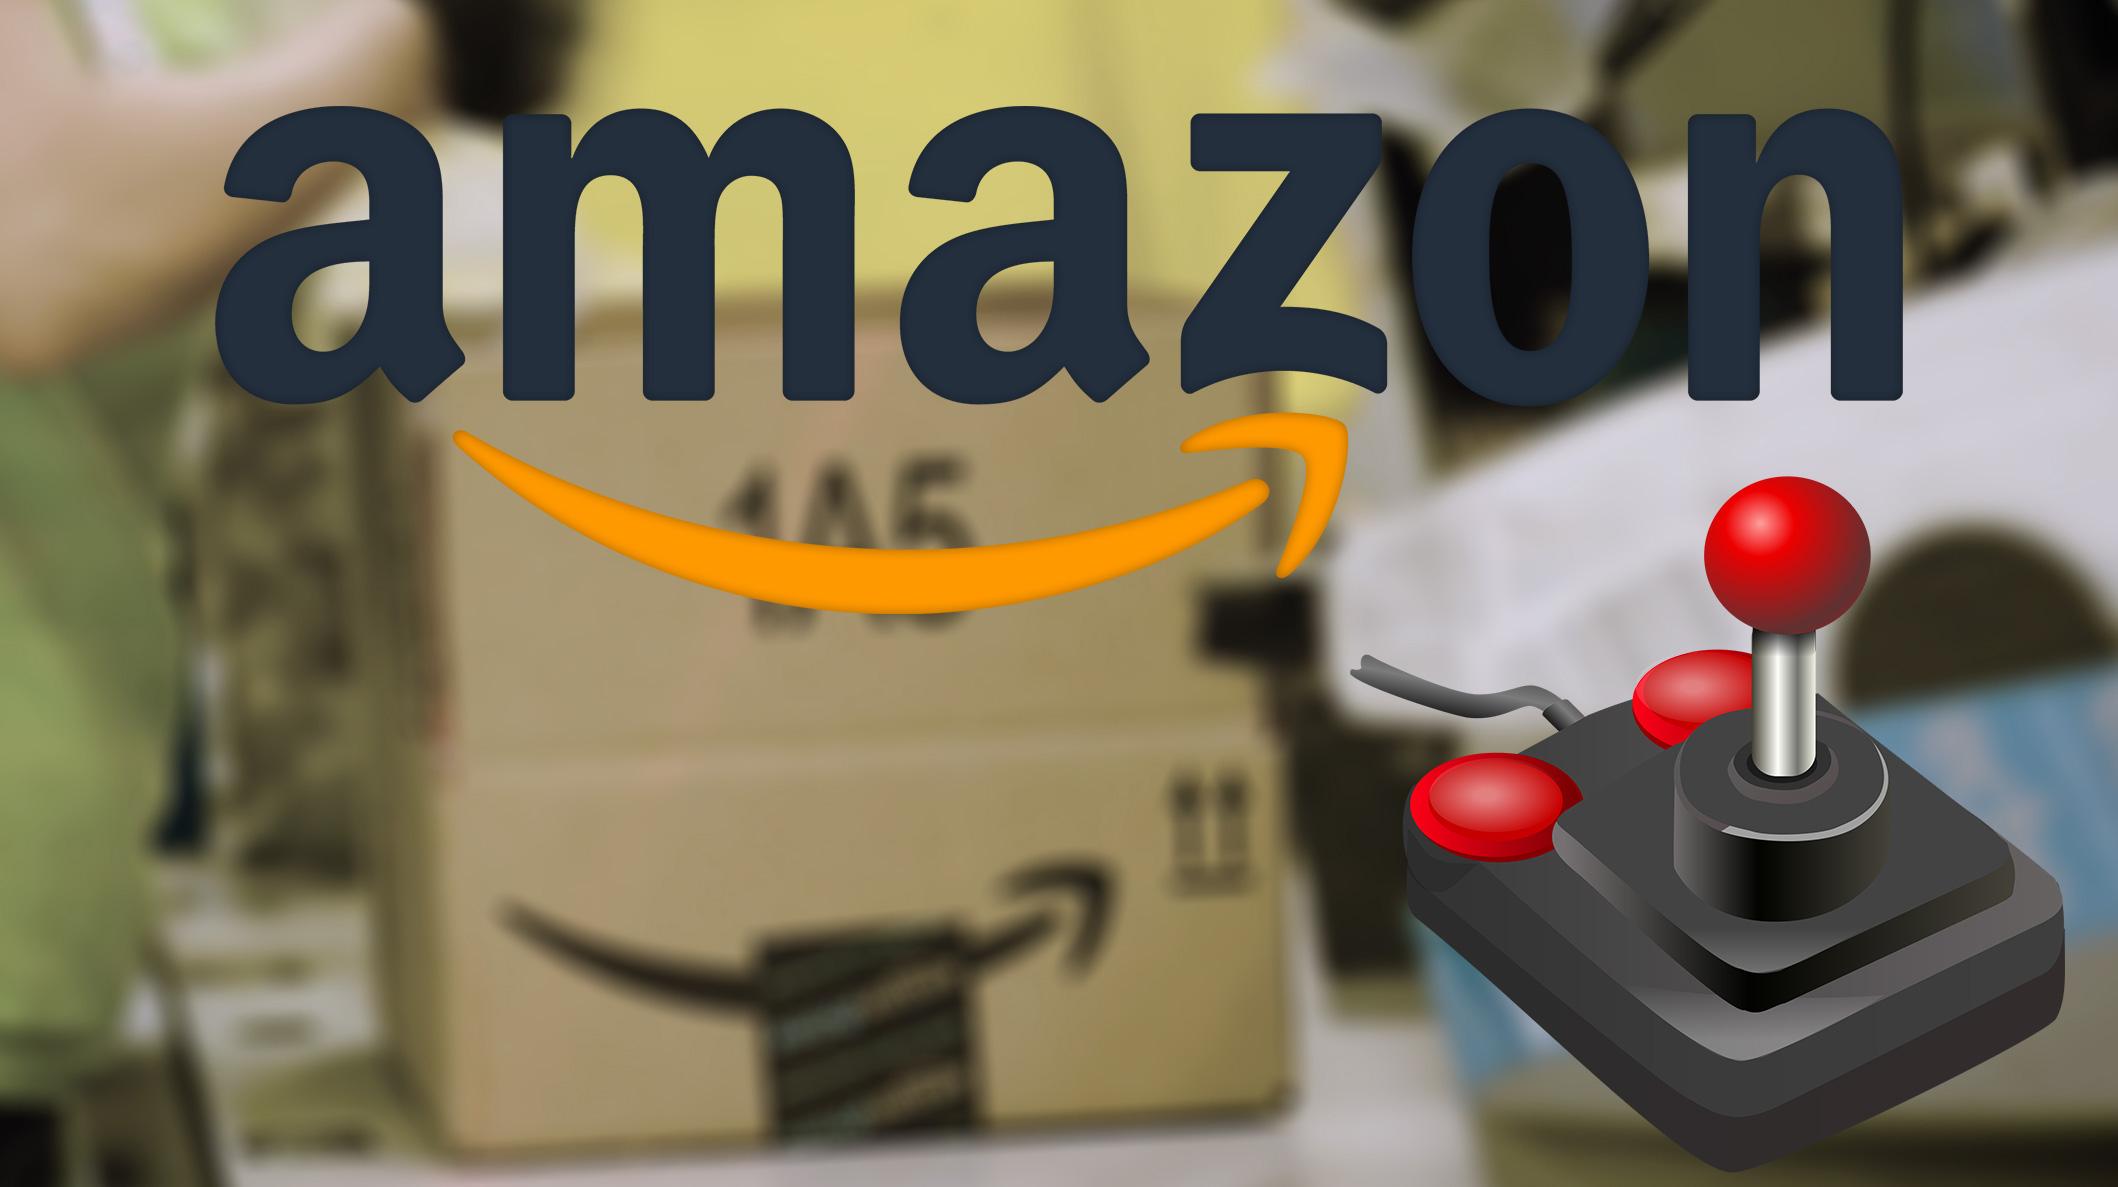 Amazon gör lagerarbetet till ett datorspel - bokstavligen